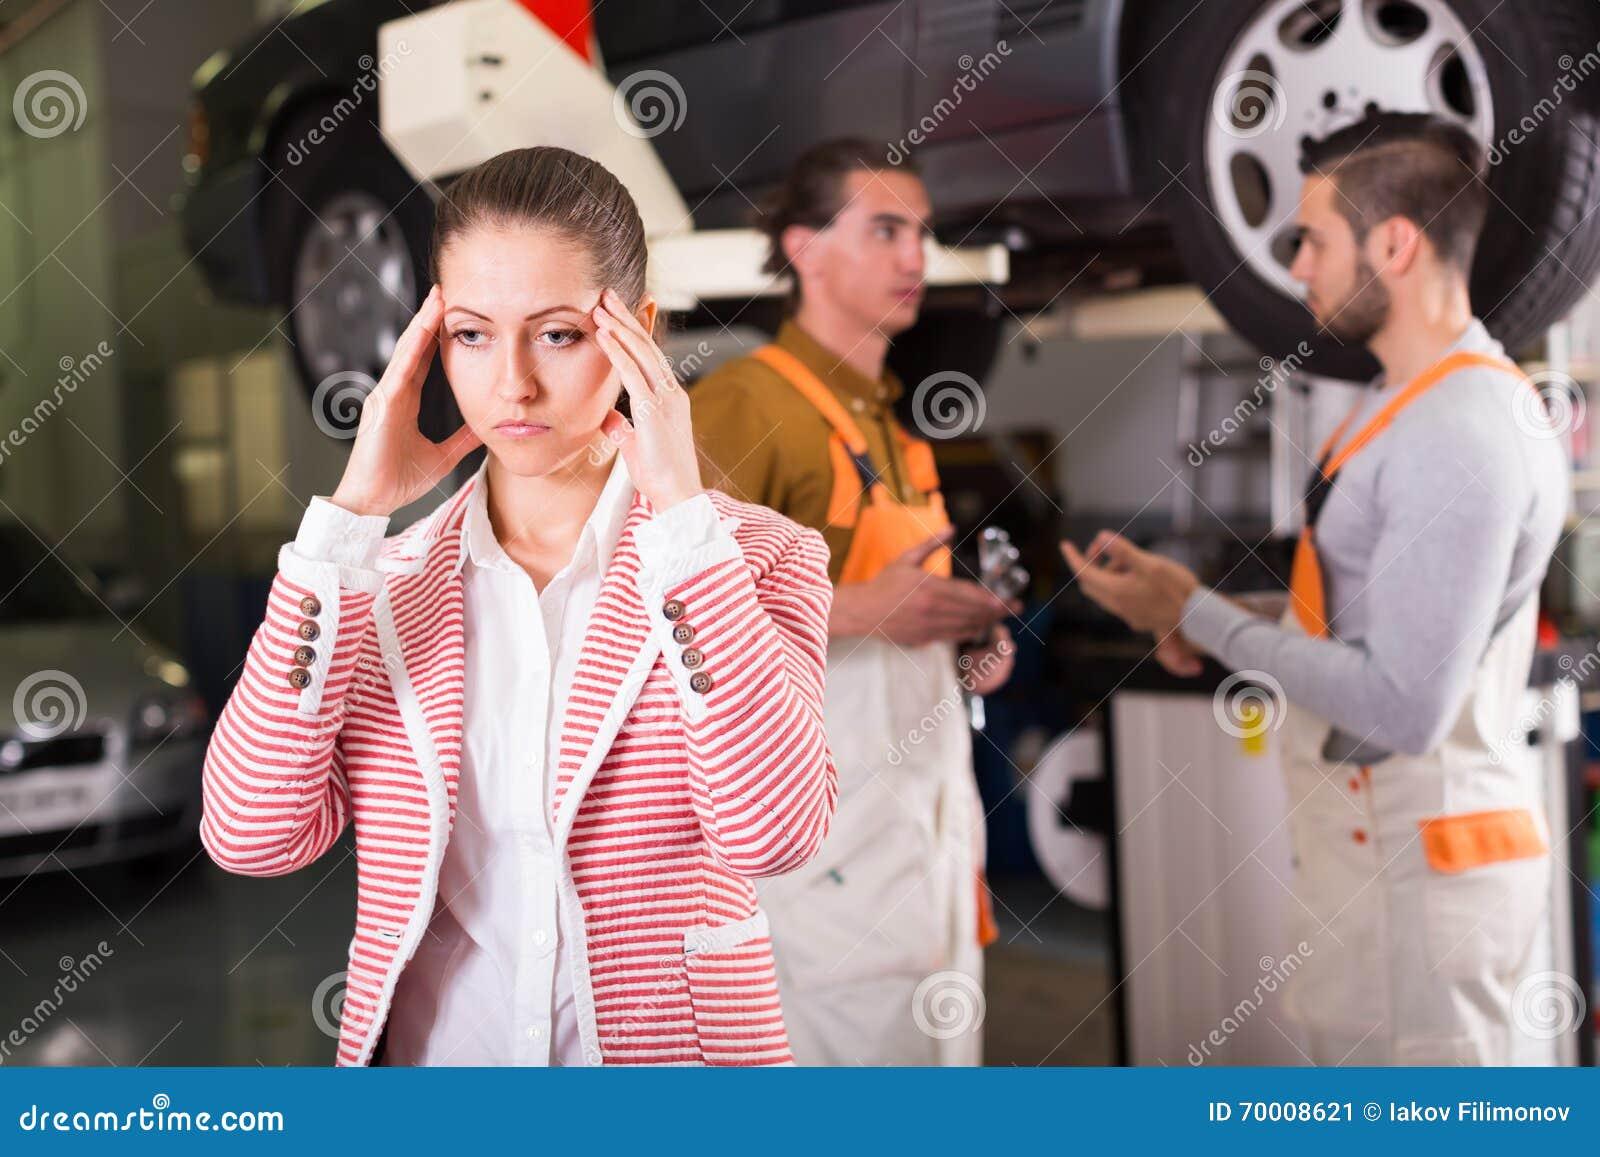 Trött klient på automatiskservice